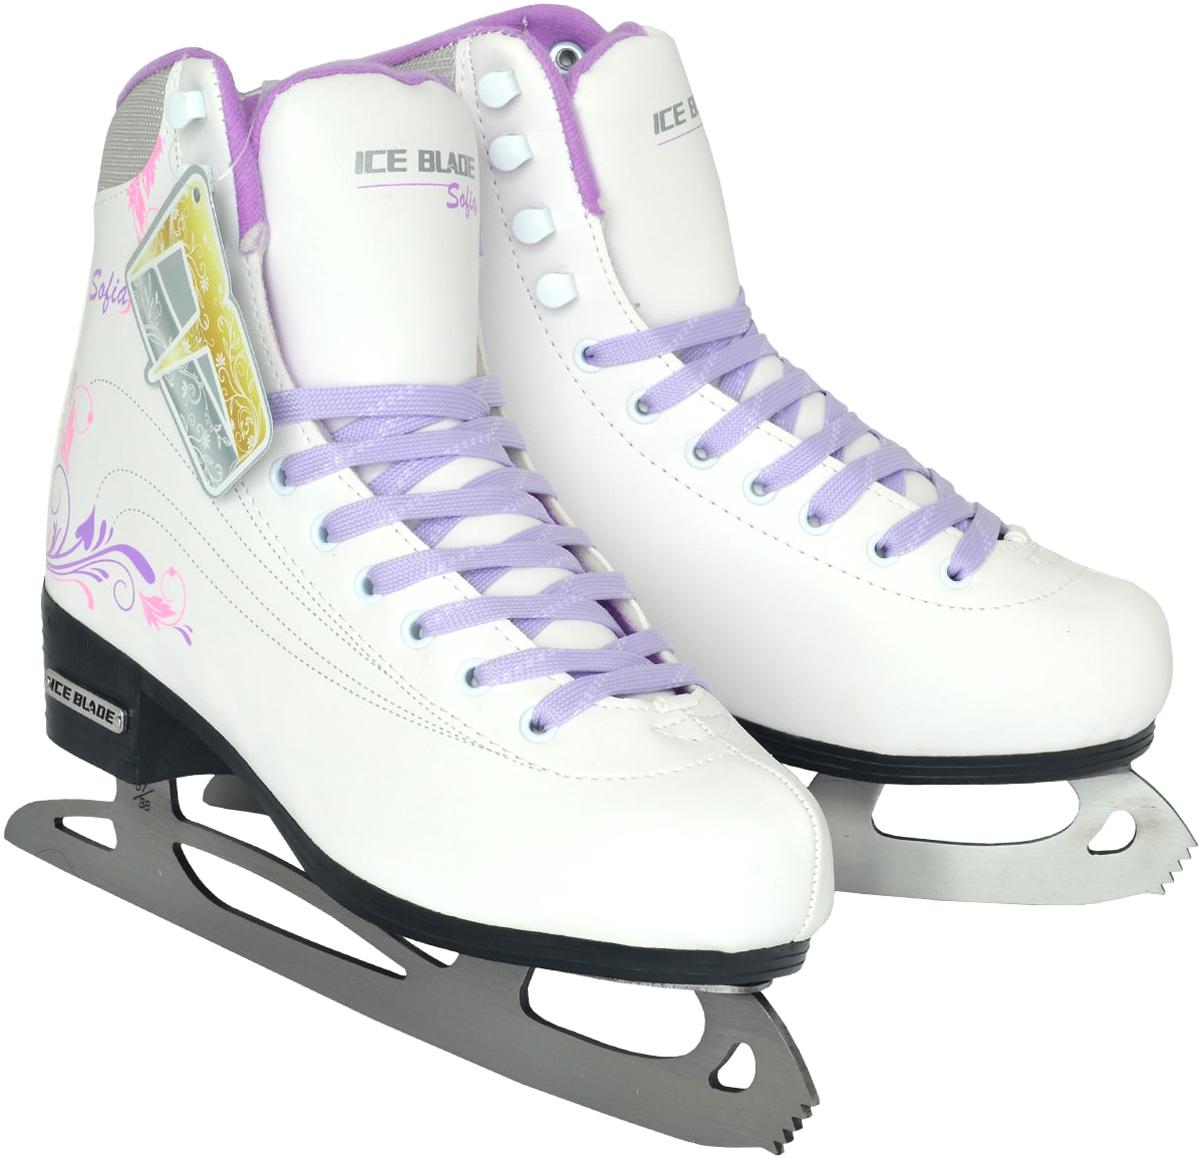 Коньки фигурные женские Ice Blade Sofia, цвет: белый, сиреневый. Размер 33